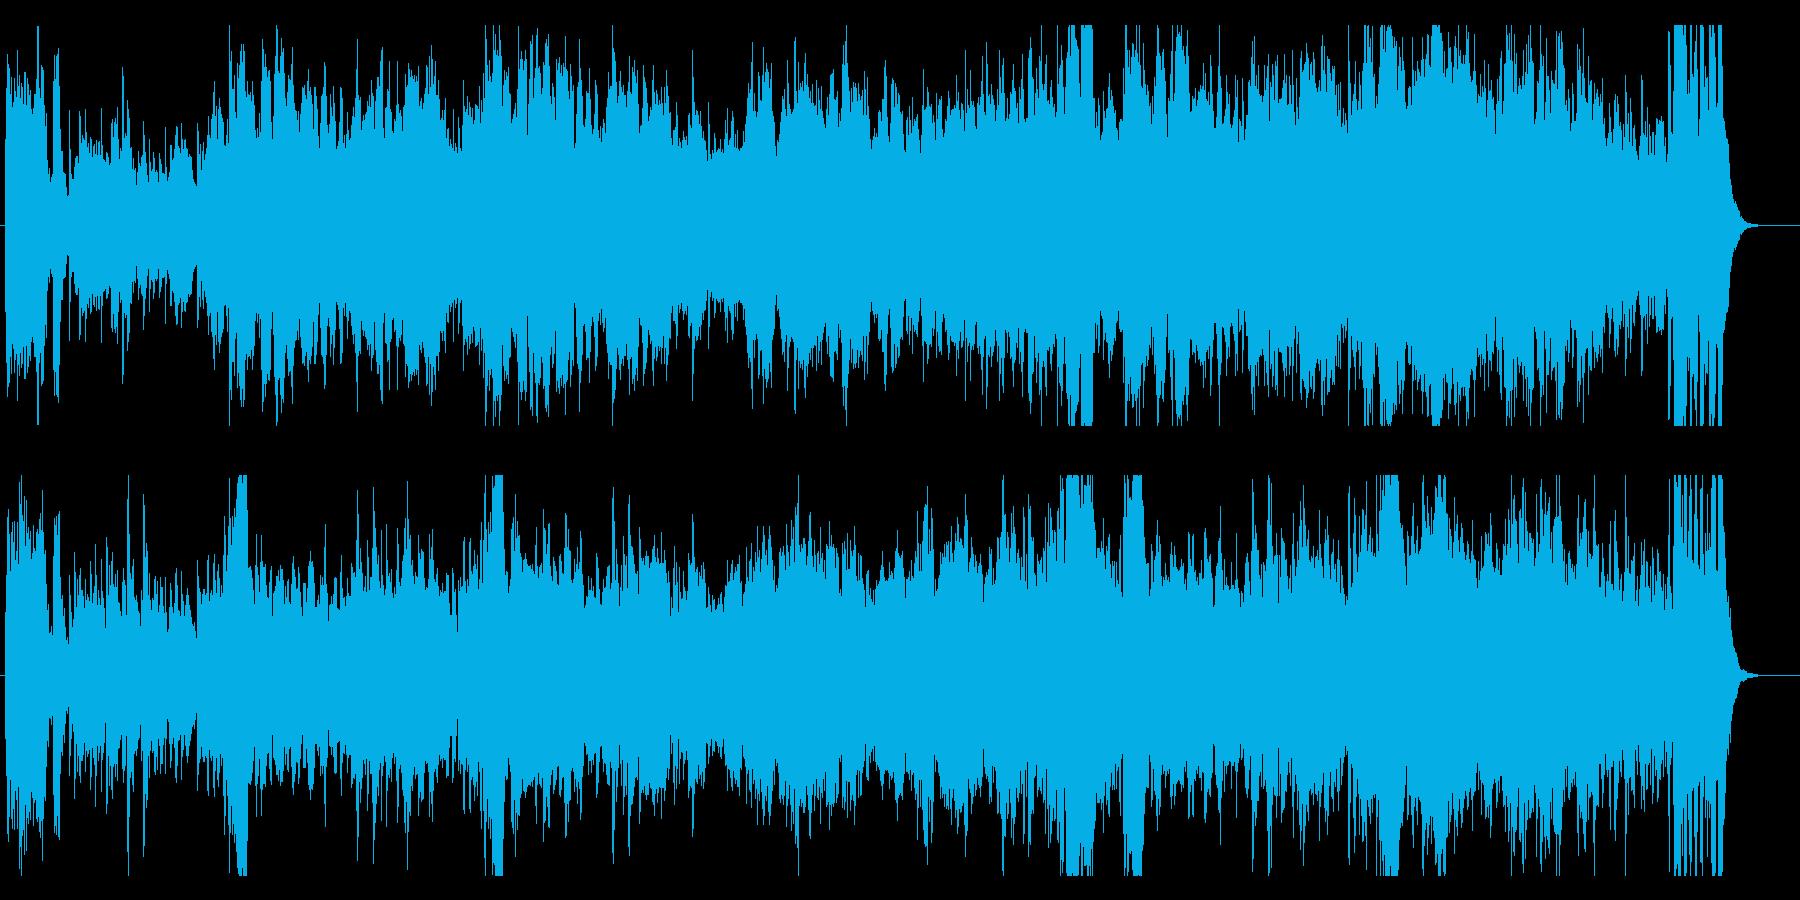 朝ドラ風ドラマチックオーケストラサウンドの再生済みの波形